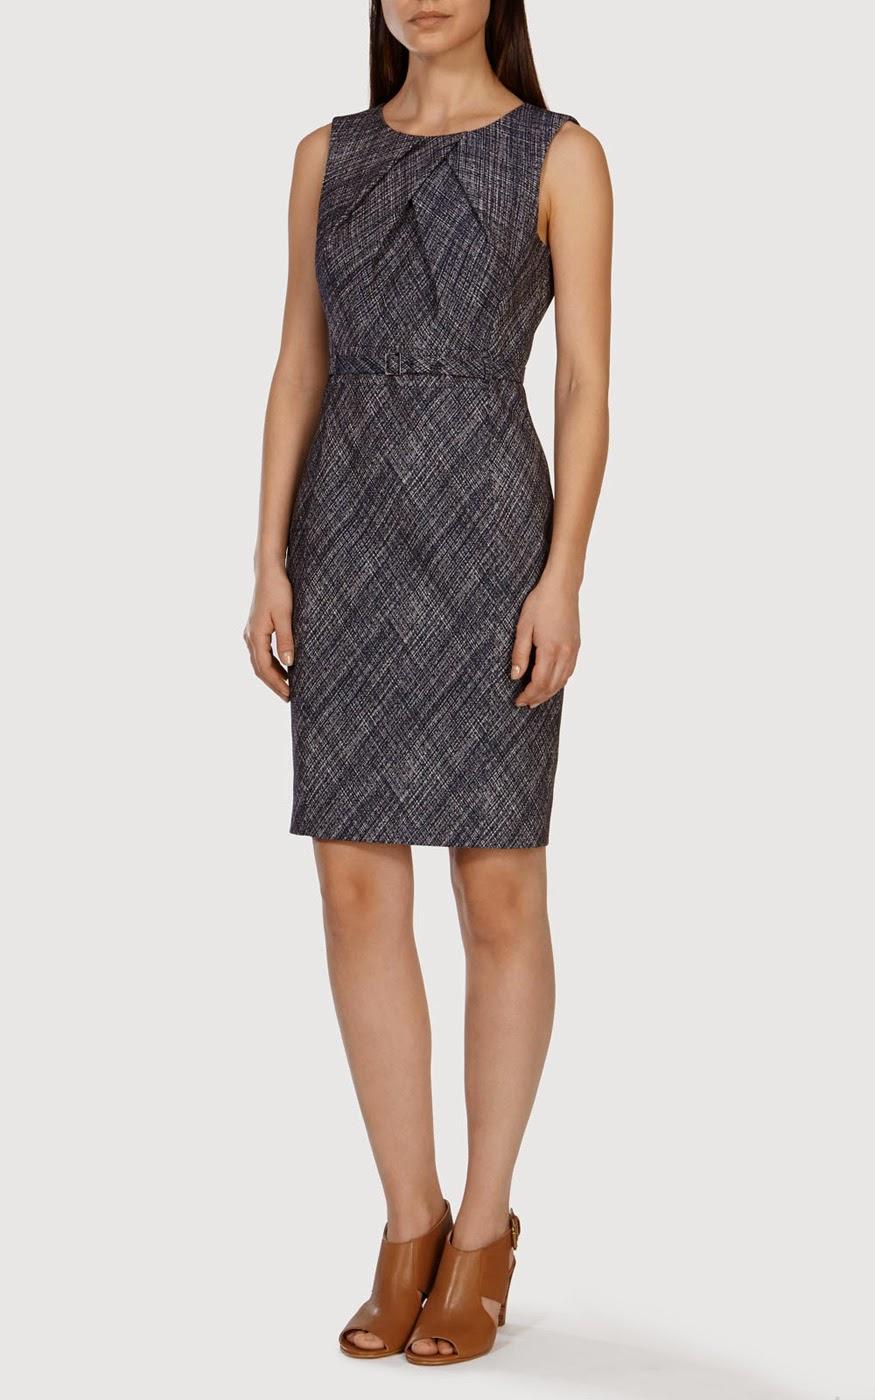 Karen Millen Cross Hatch Jacquard Pencil Dress.jpg